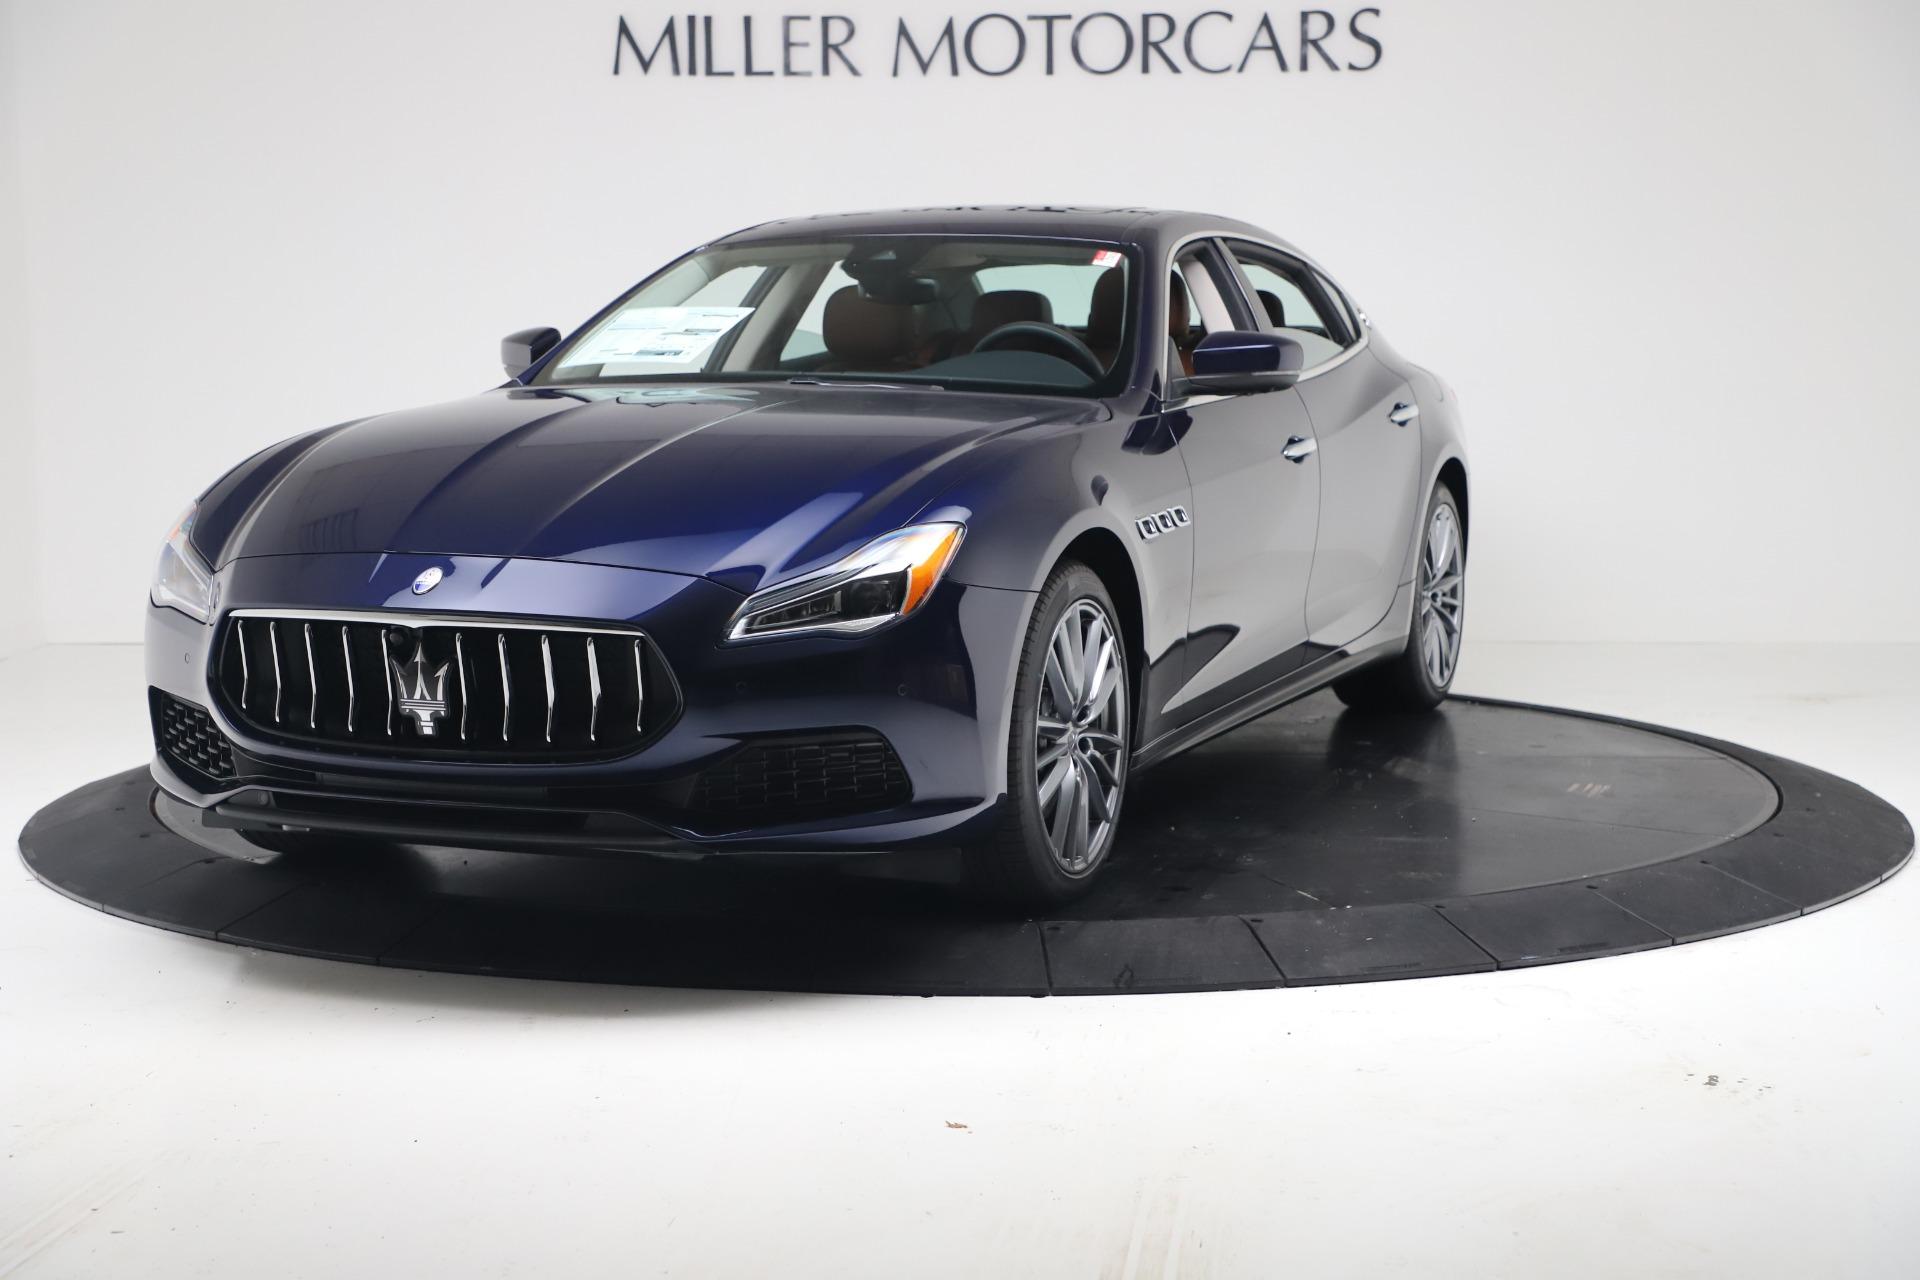 New 2019 Maserati Quattroporte S Q4 for sale $121,065 at Pagani of Greenwich in Greenwich CT 06830 1